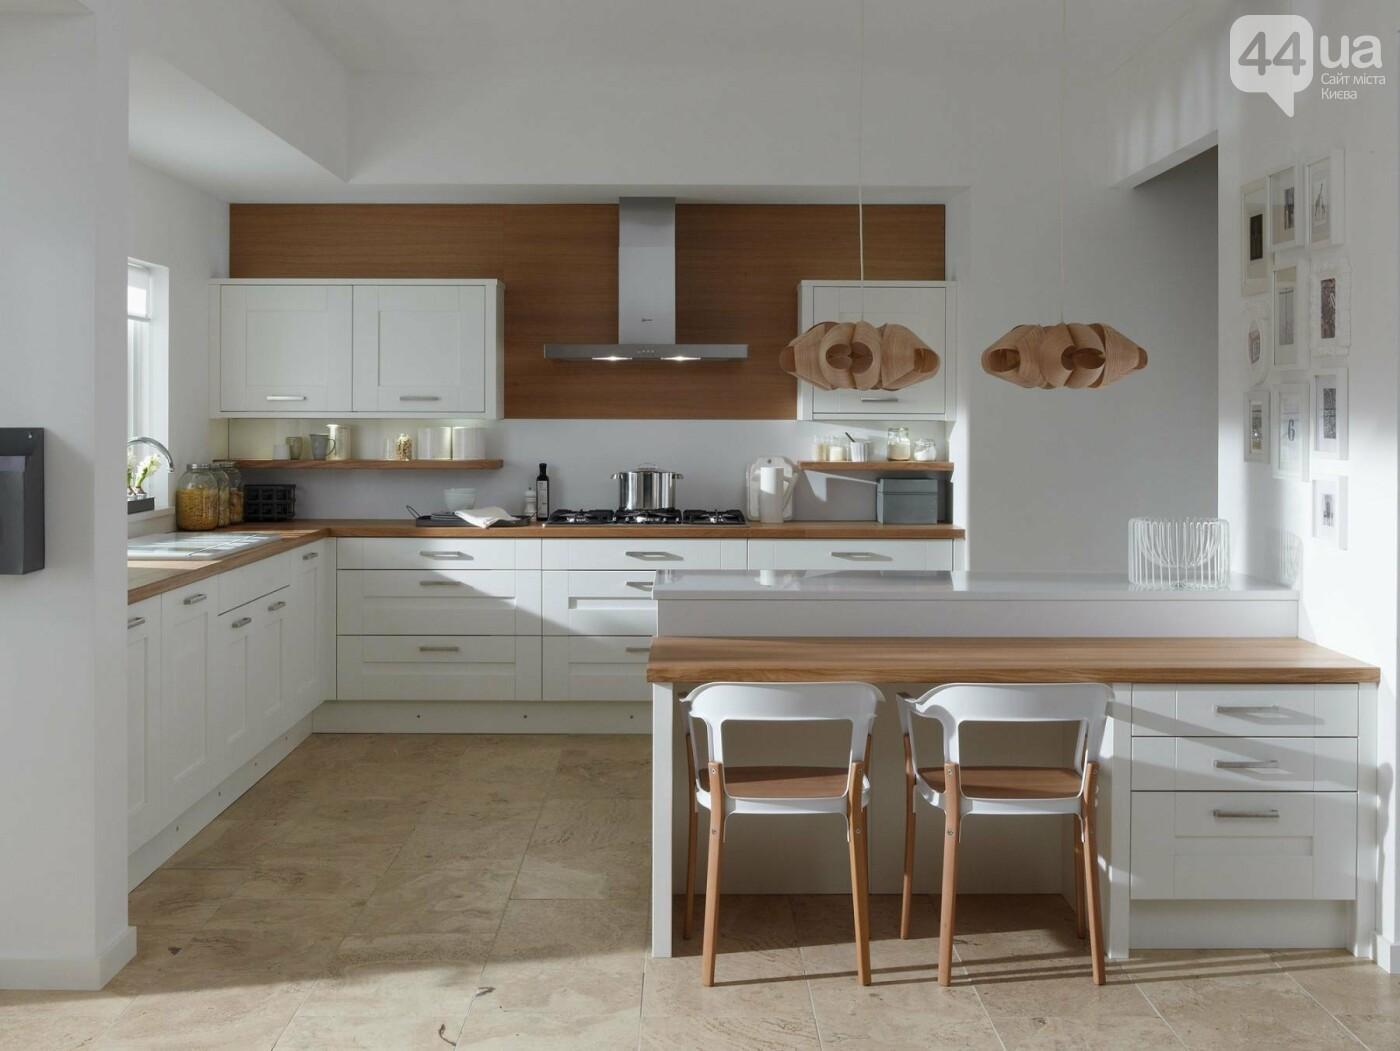 Обзор мебельных компаний Киева: какую мебель выбрать?, фото-24